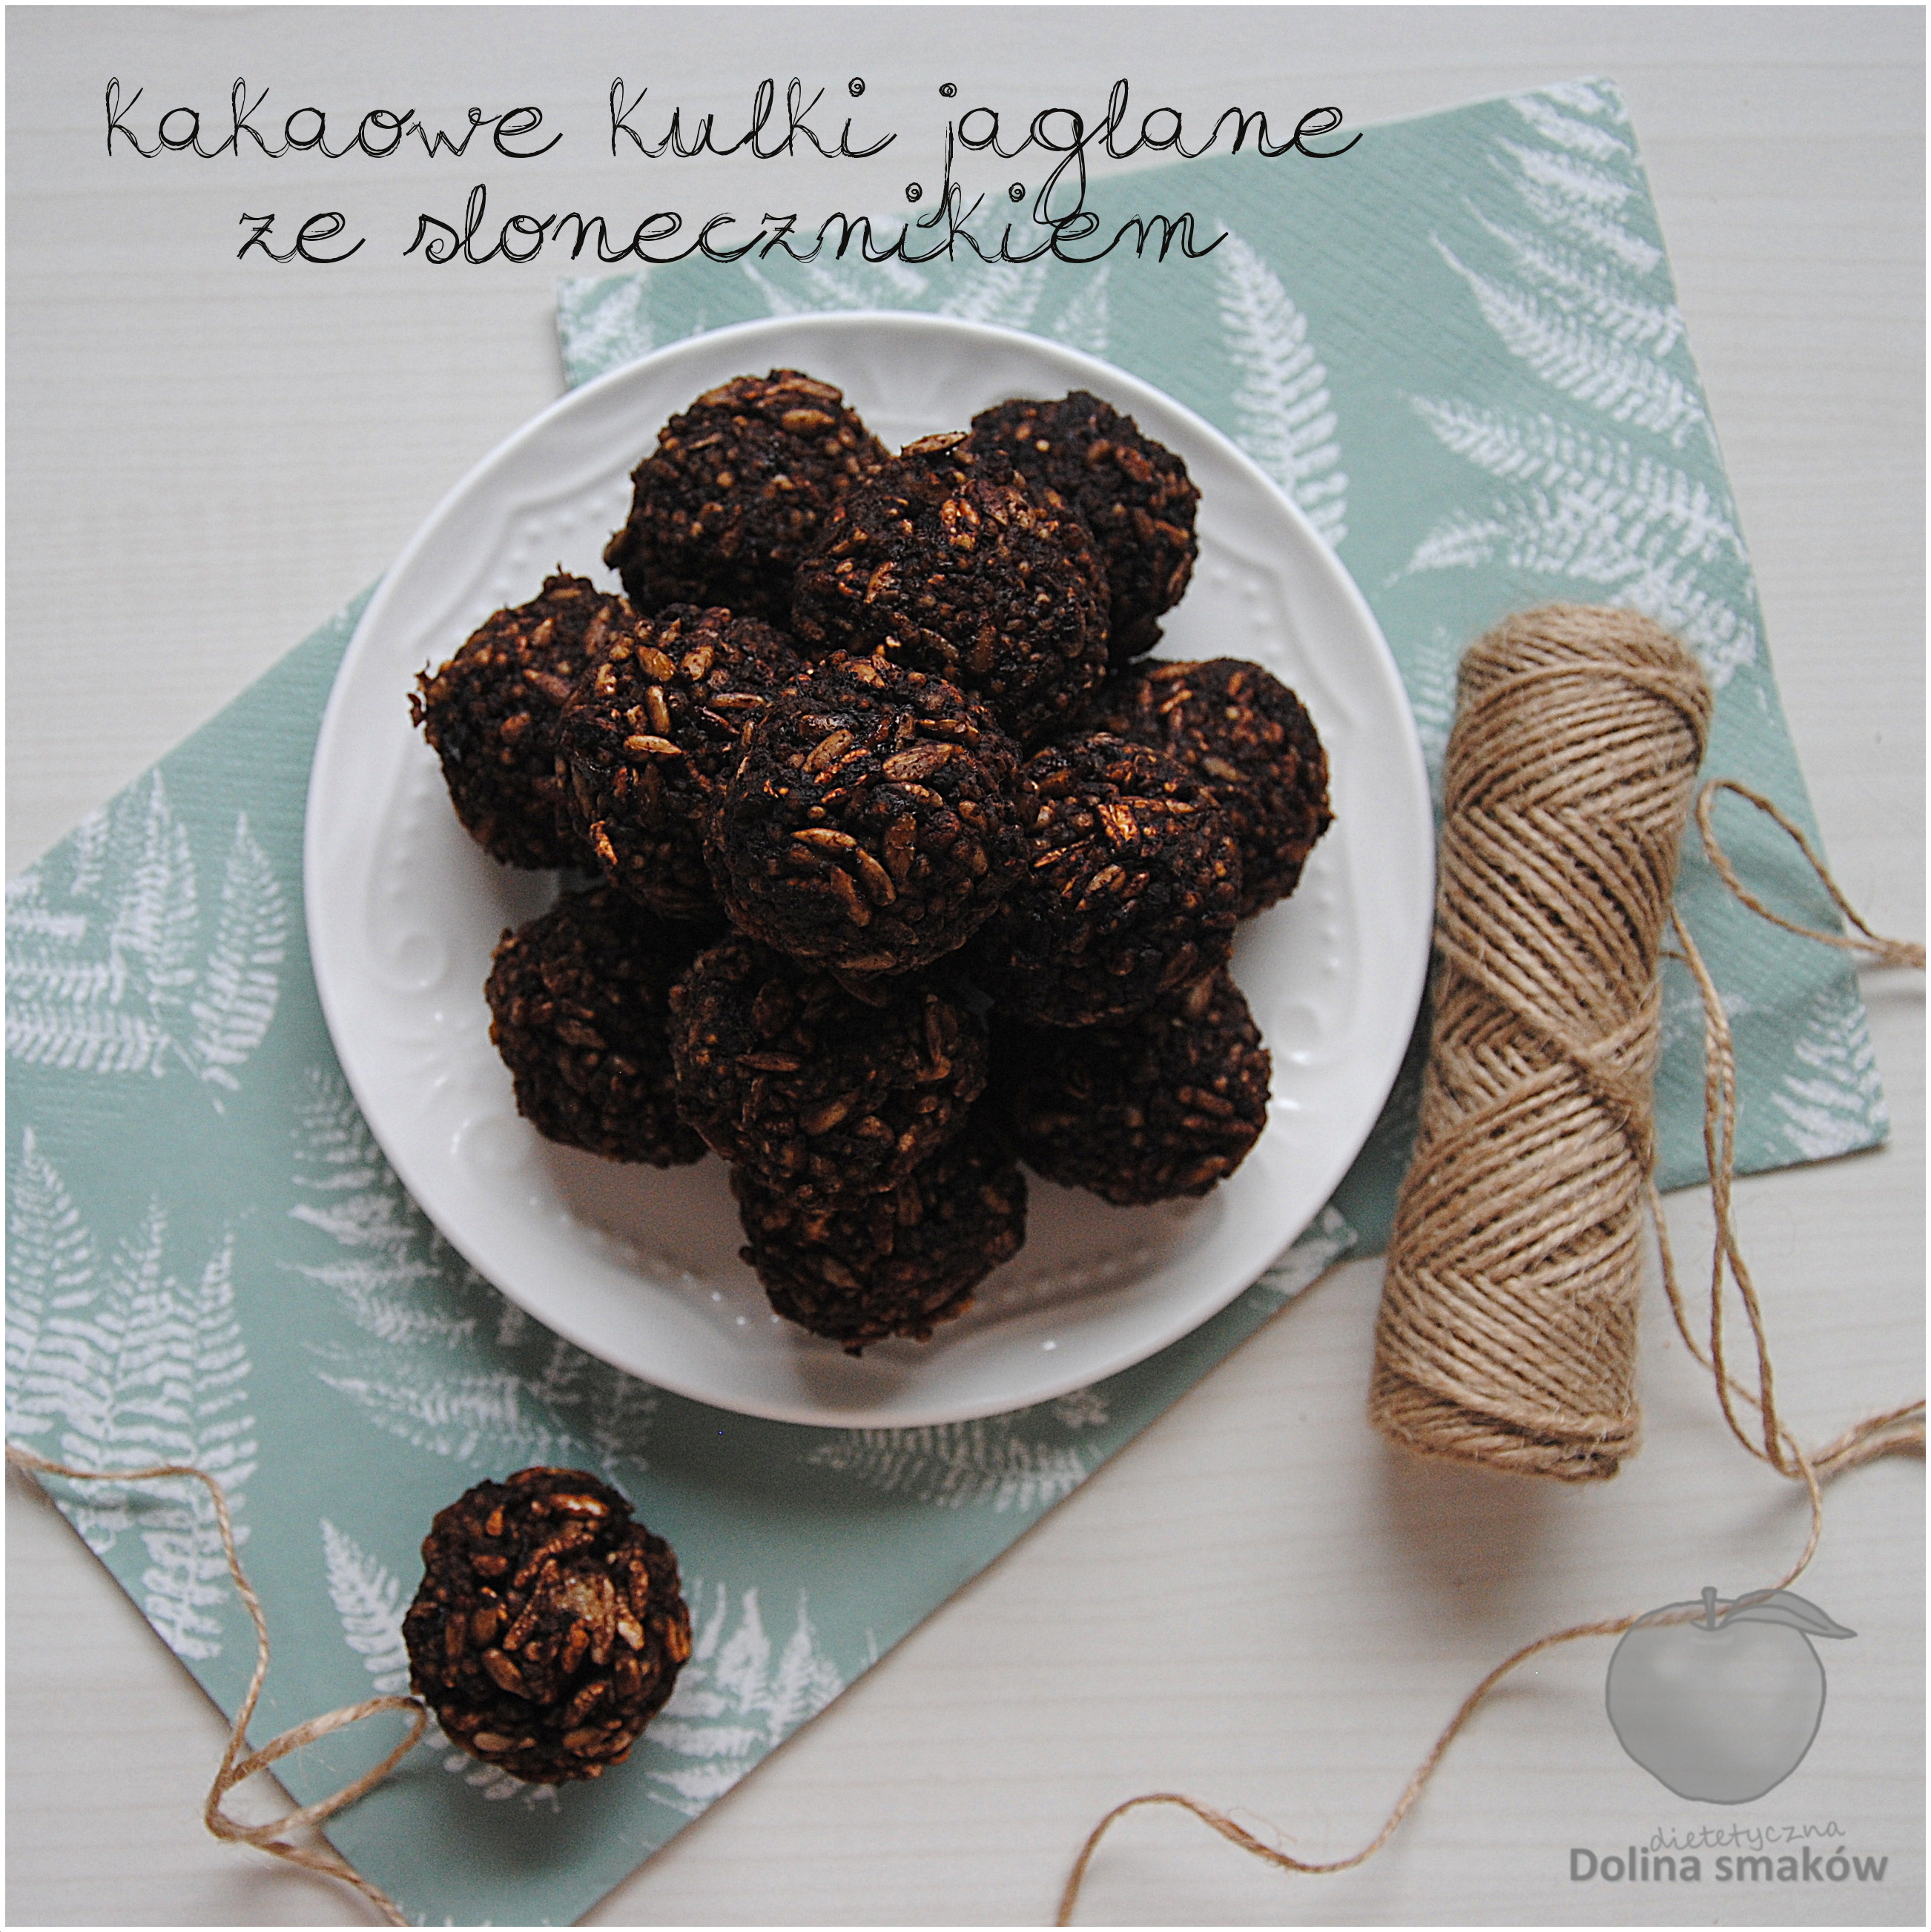 kakaowe kulki jaglane ze słonecznikiem